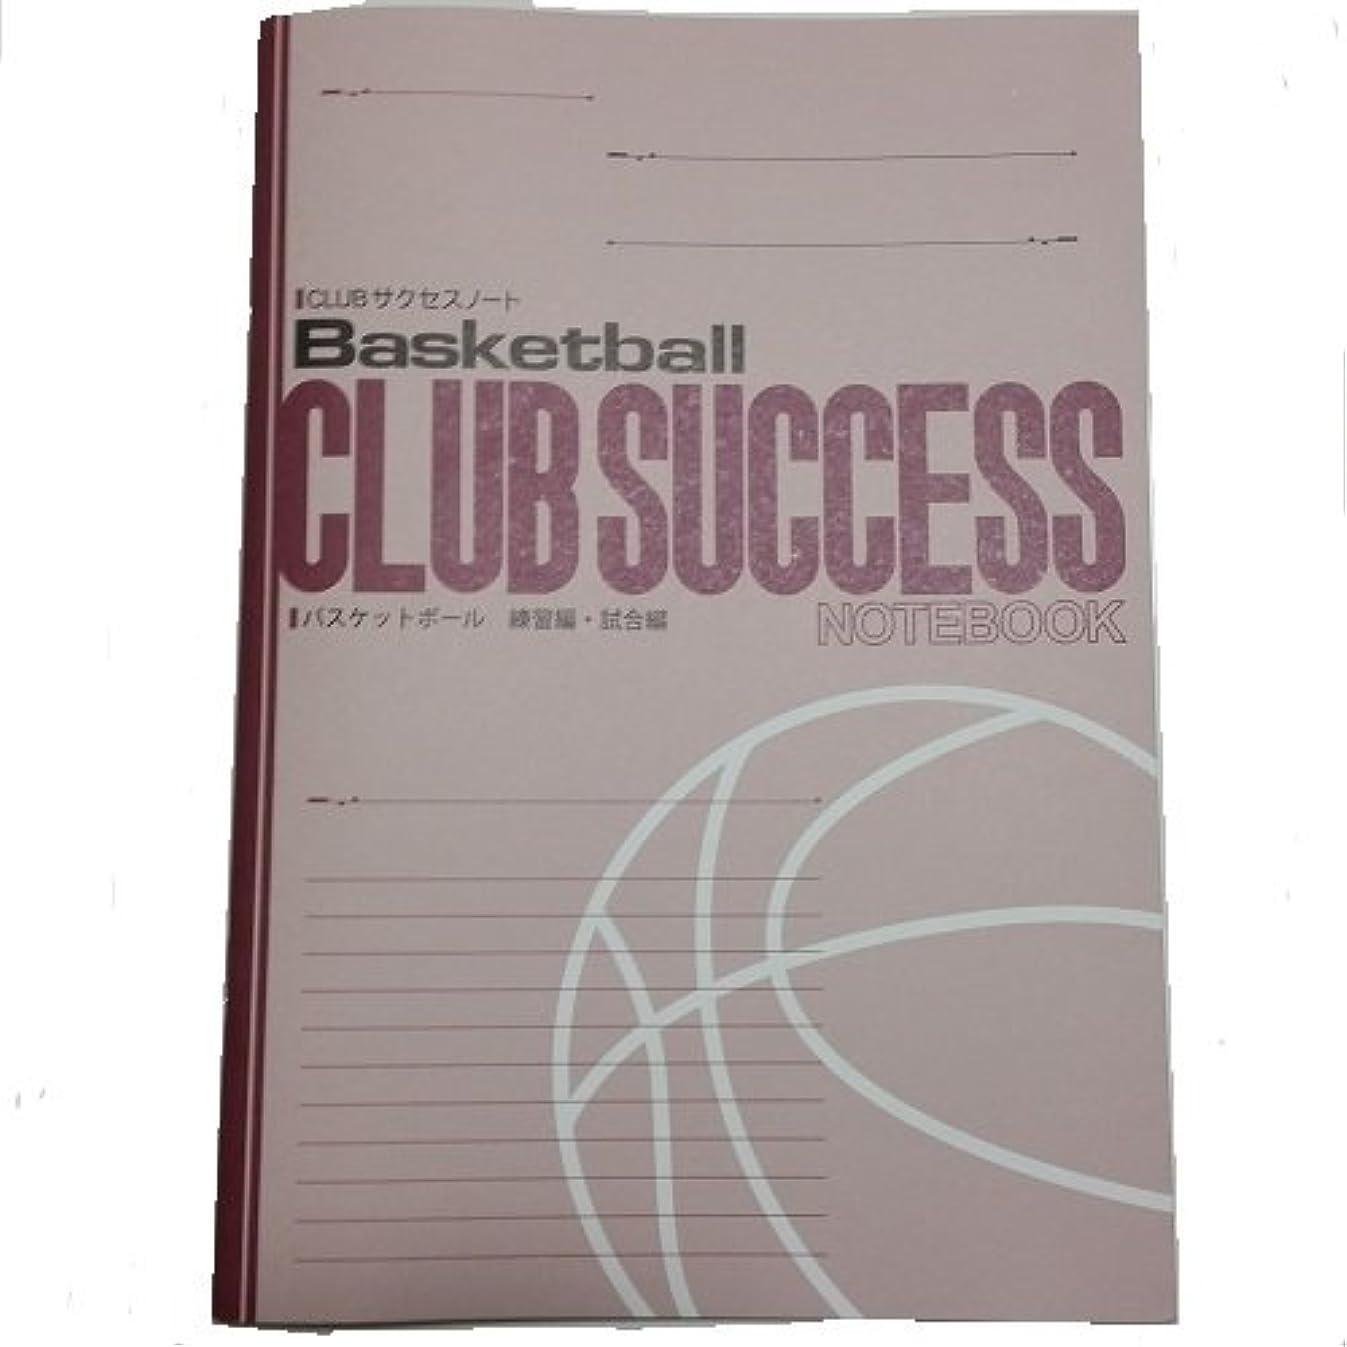 ステレオ大脳凍結CLUBサクセスノート バスケットボール B5サイズ